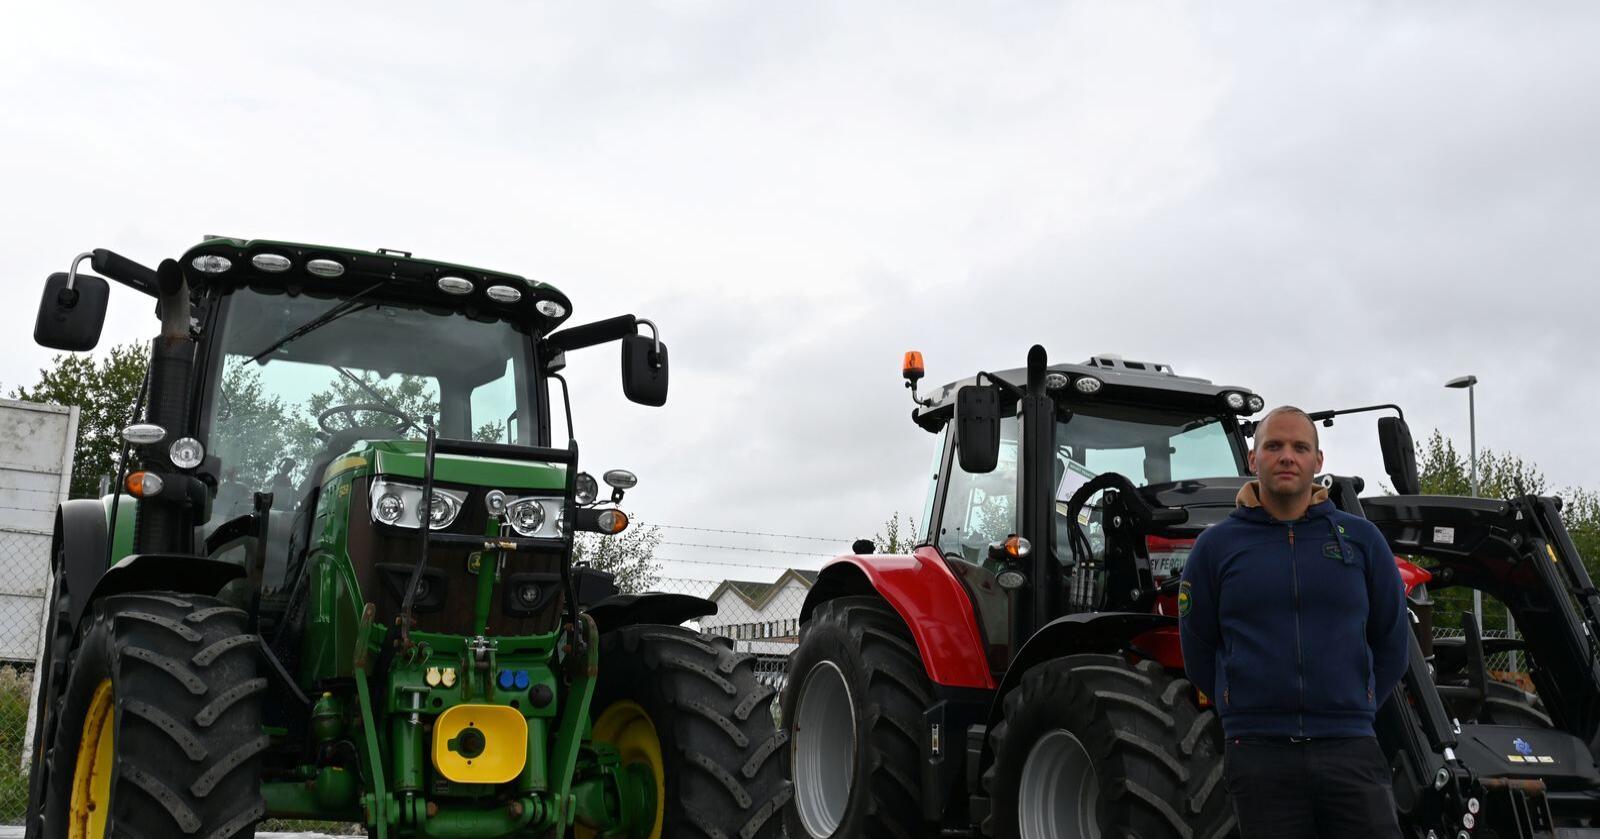 Alle farger: Vi selger selvsagt mest John Deere, men våre selgere tar jo alle traktorer i innbytte. Dermed  får vi mye variert som trenger en ny eier, forteller Kenneth Lund Strand